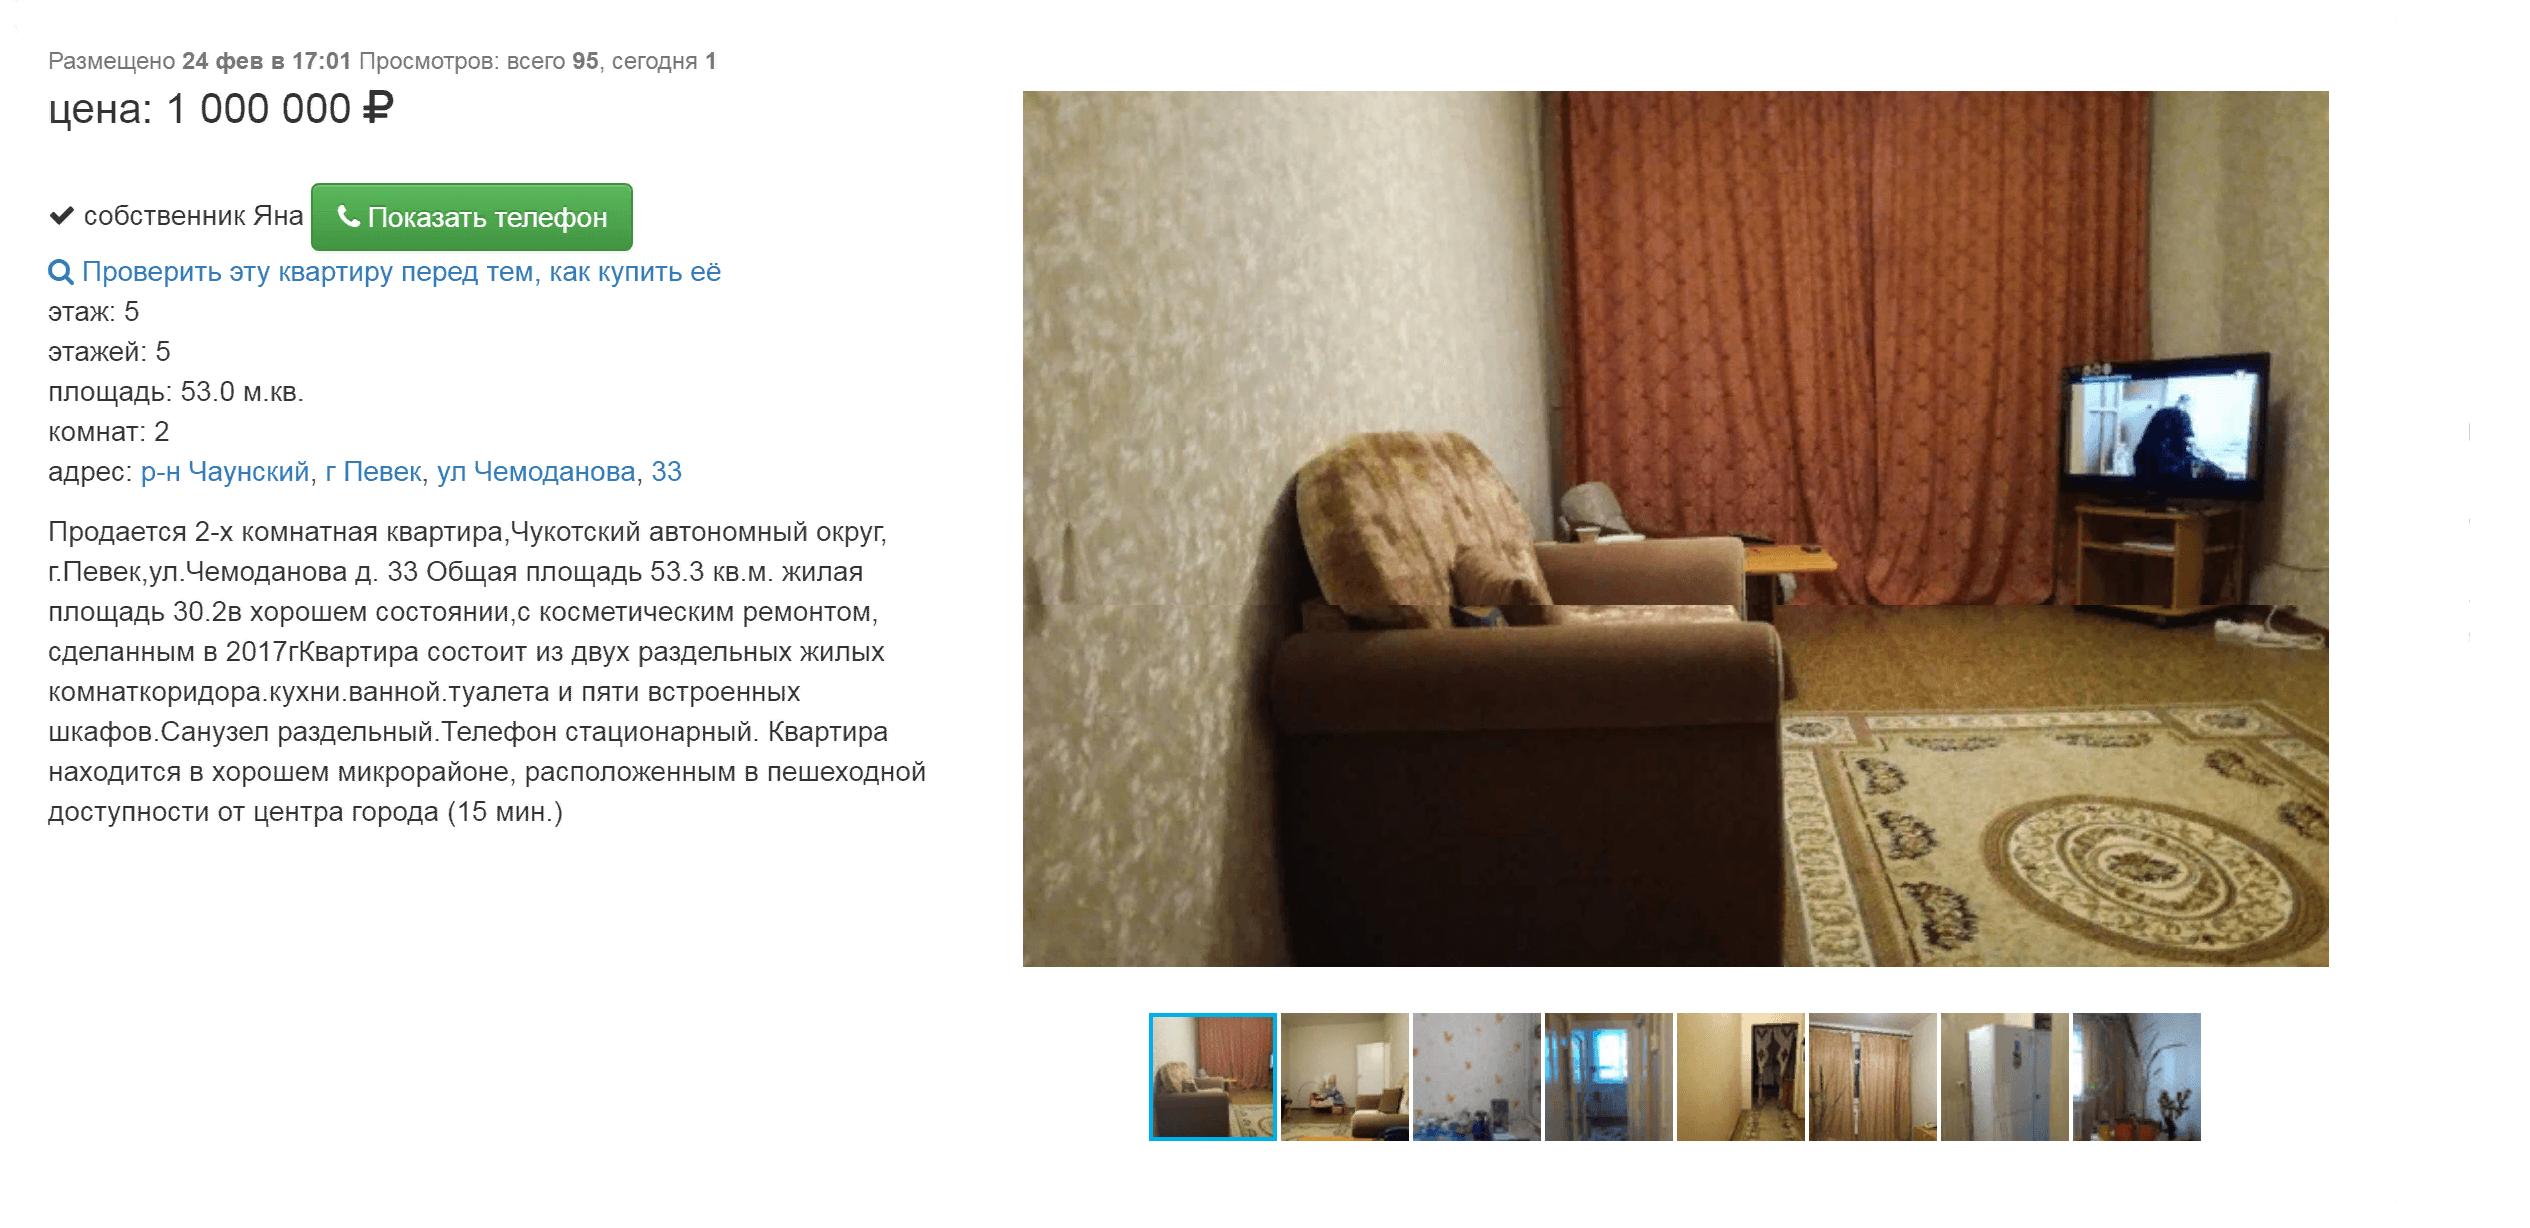 Эта двухкомнатная квартира с ремонтом стоит всего 1 000 000 р.. Ее продают с февраля 2018 года